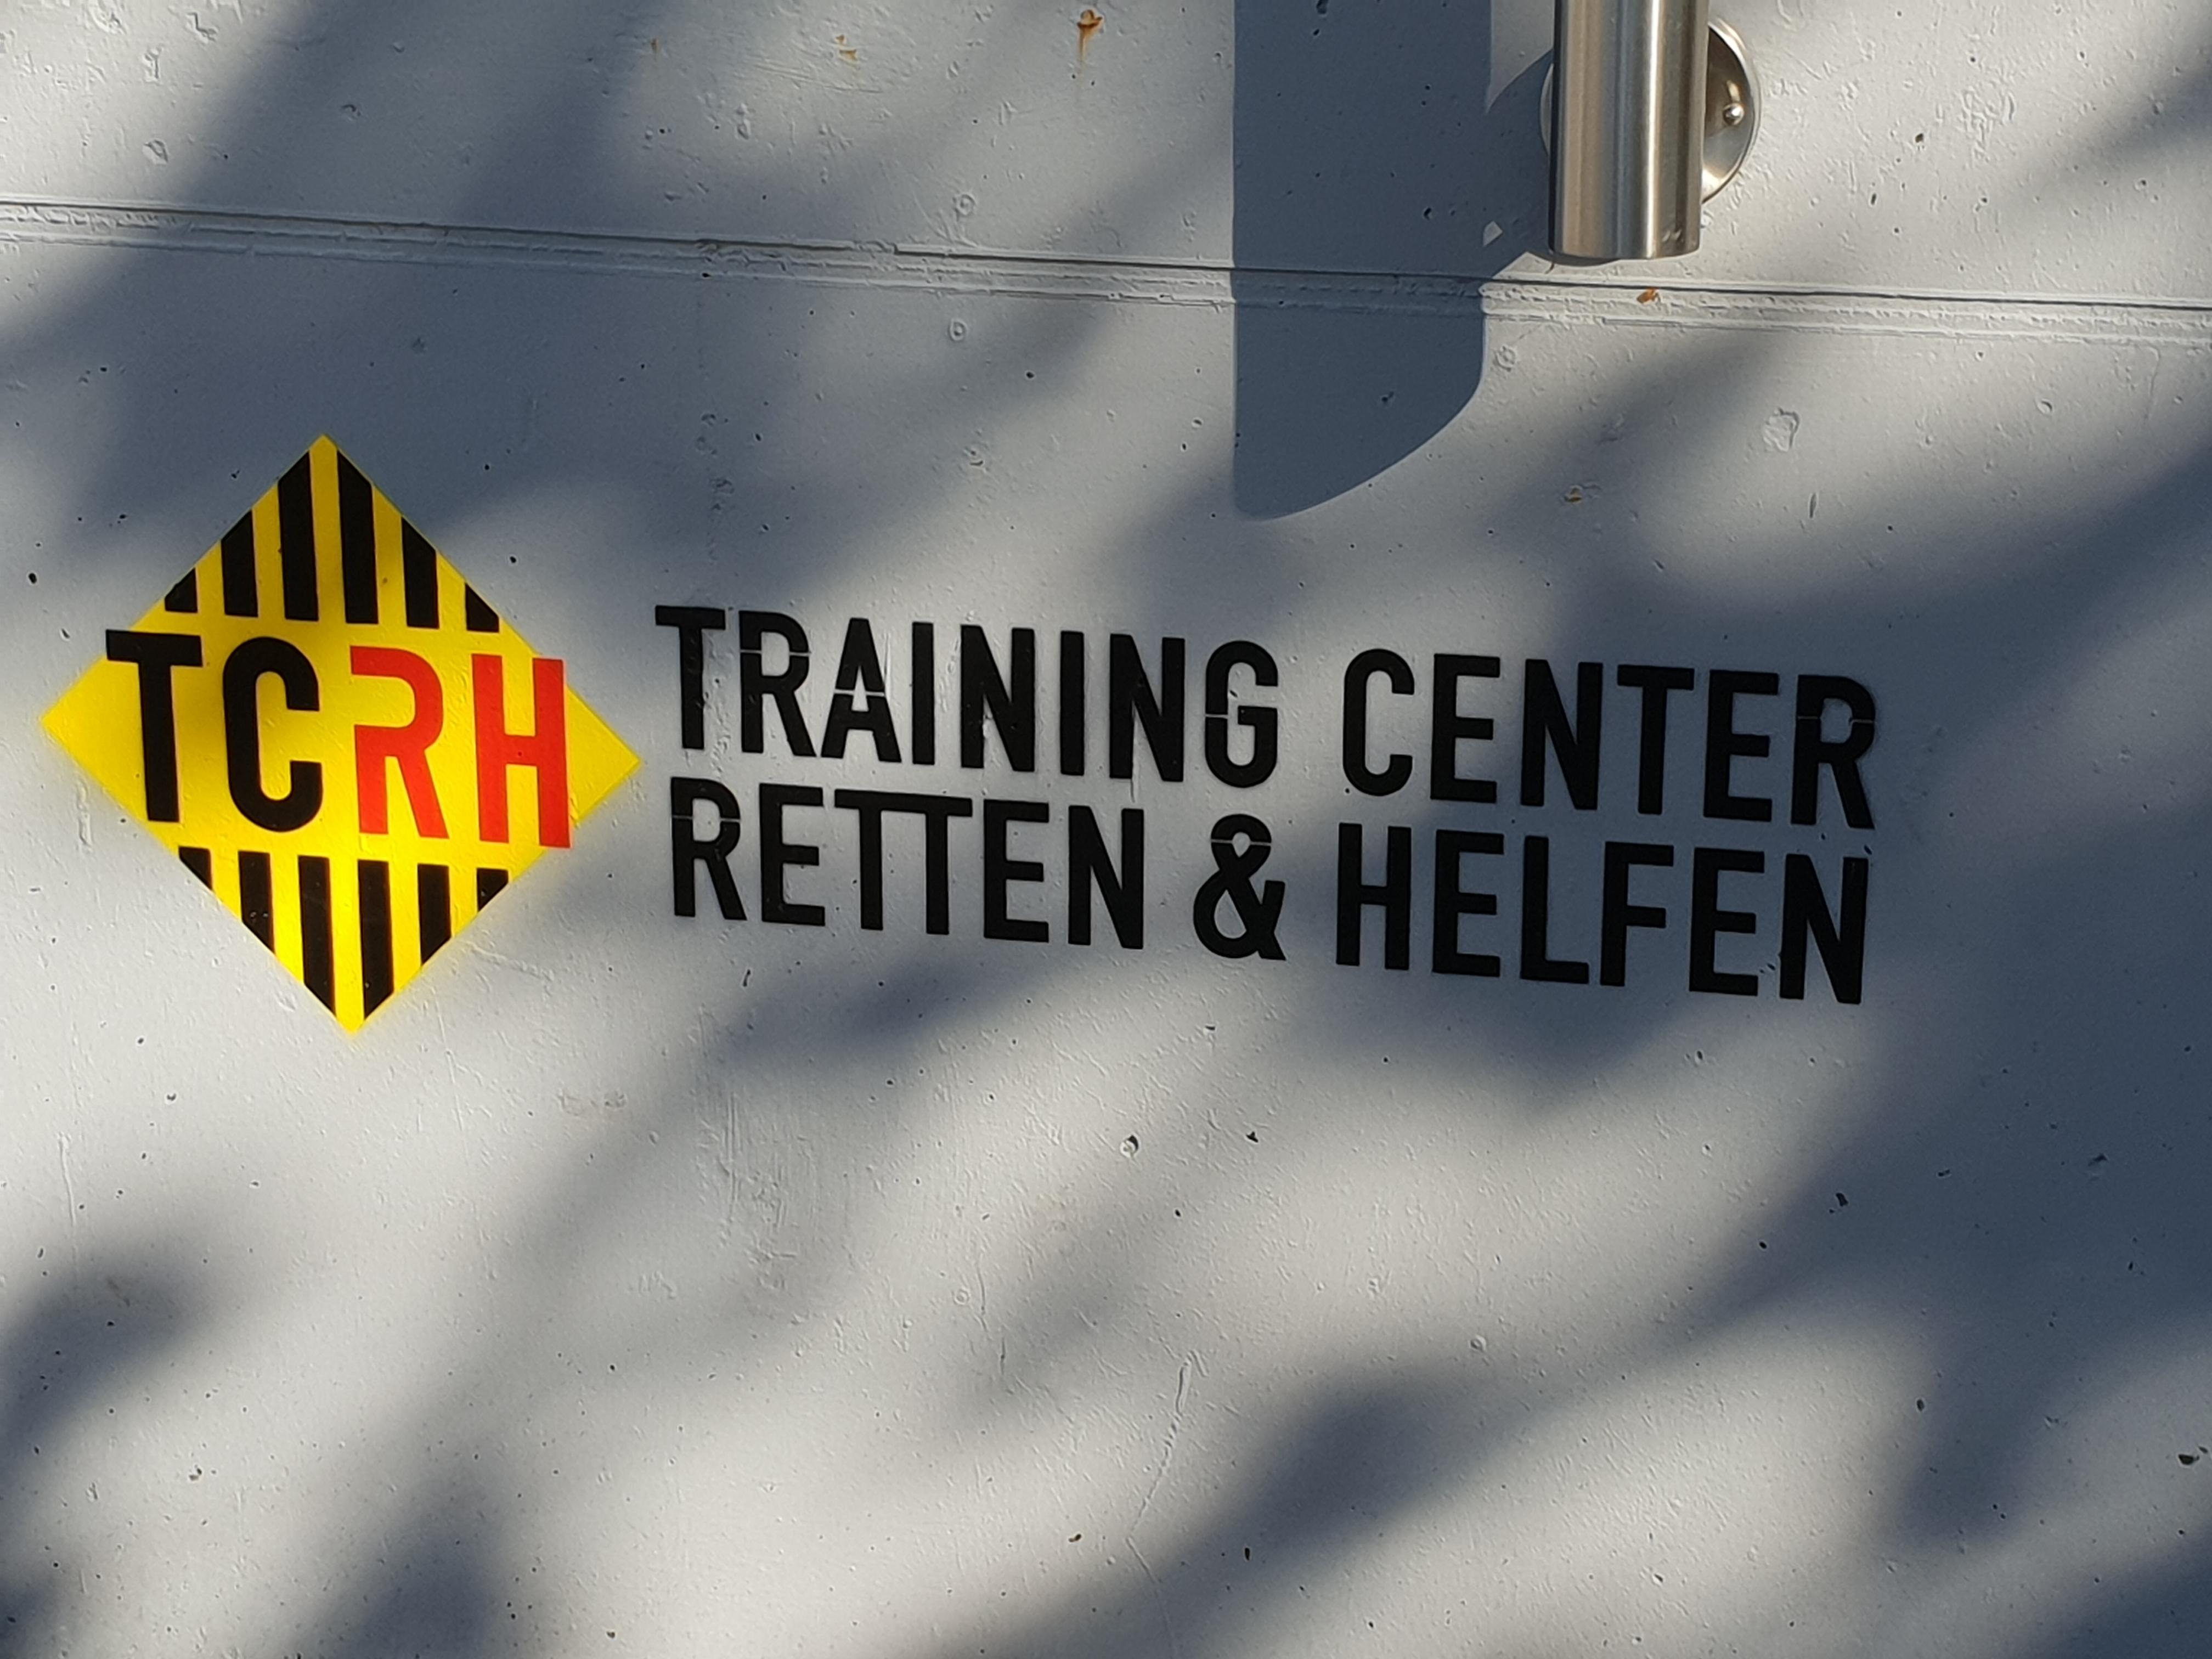 TCRH Training Center Retten und Helfen